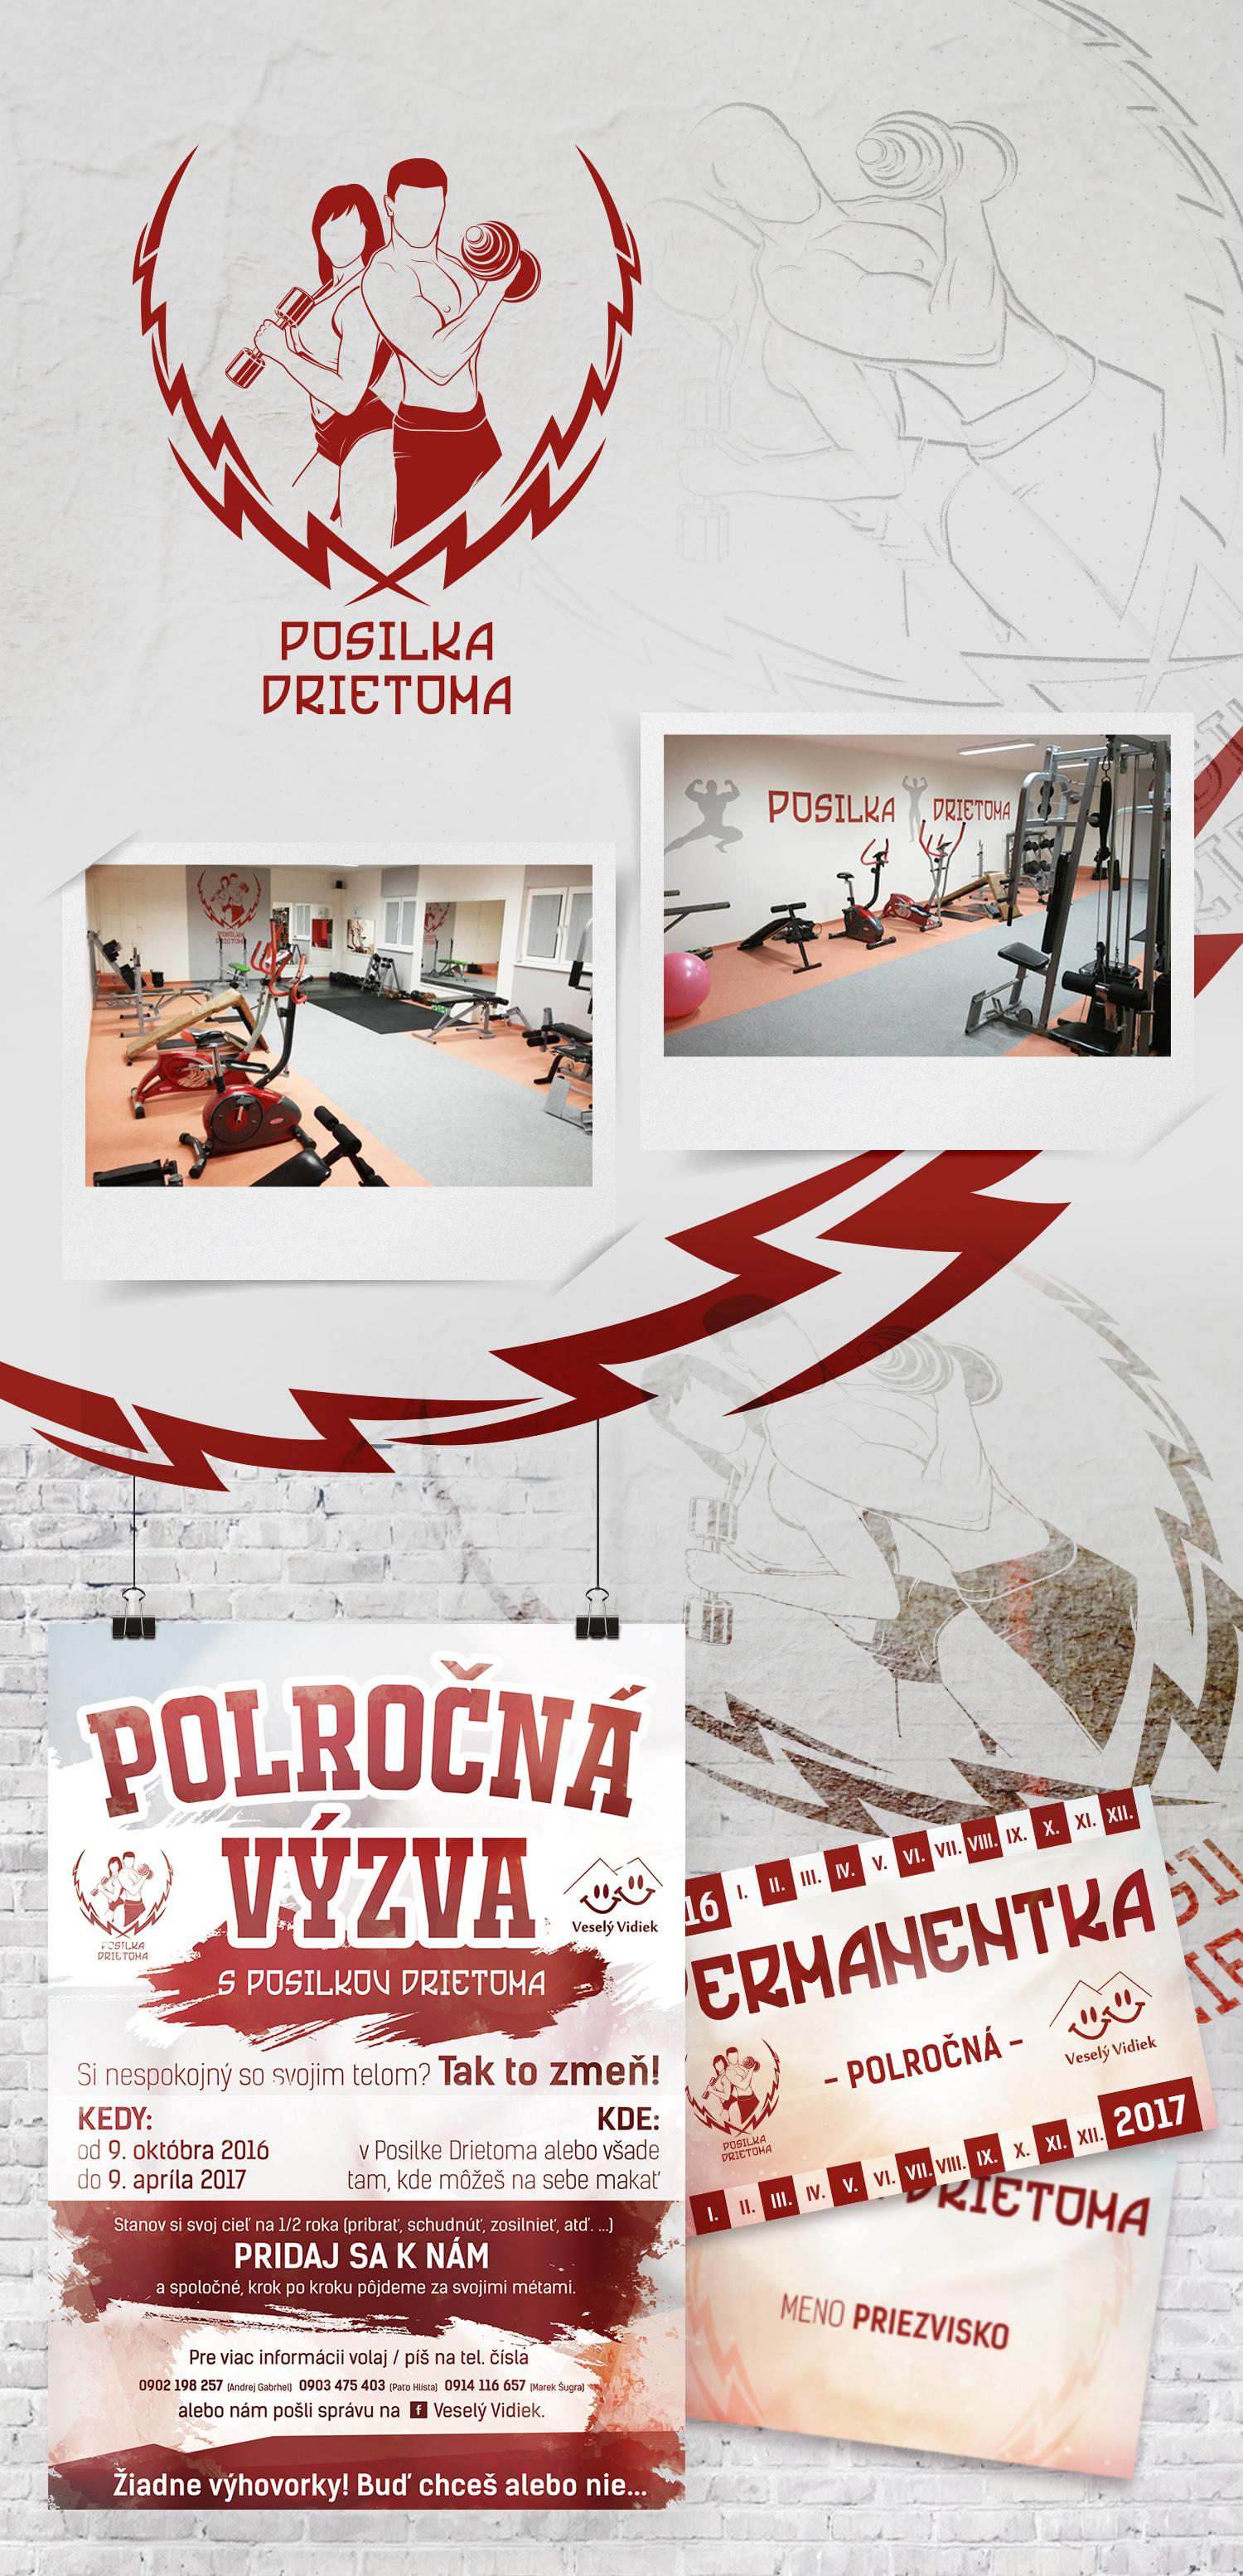 posilka drietoma2